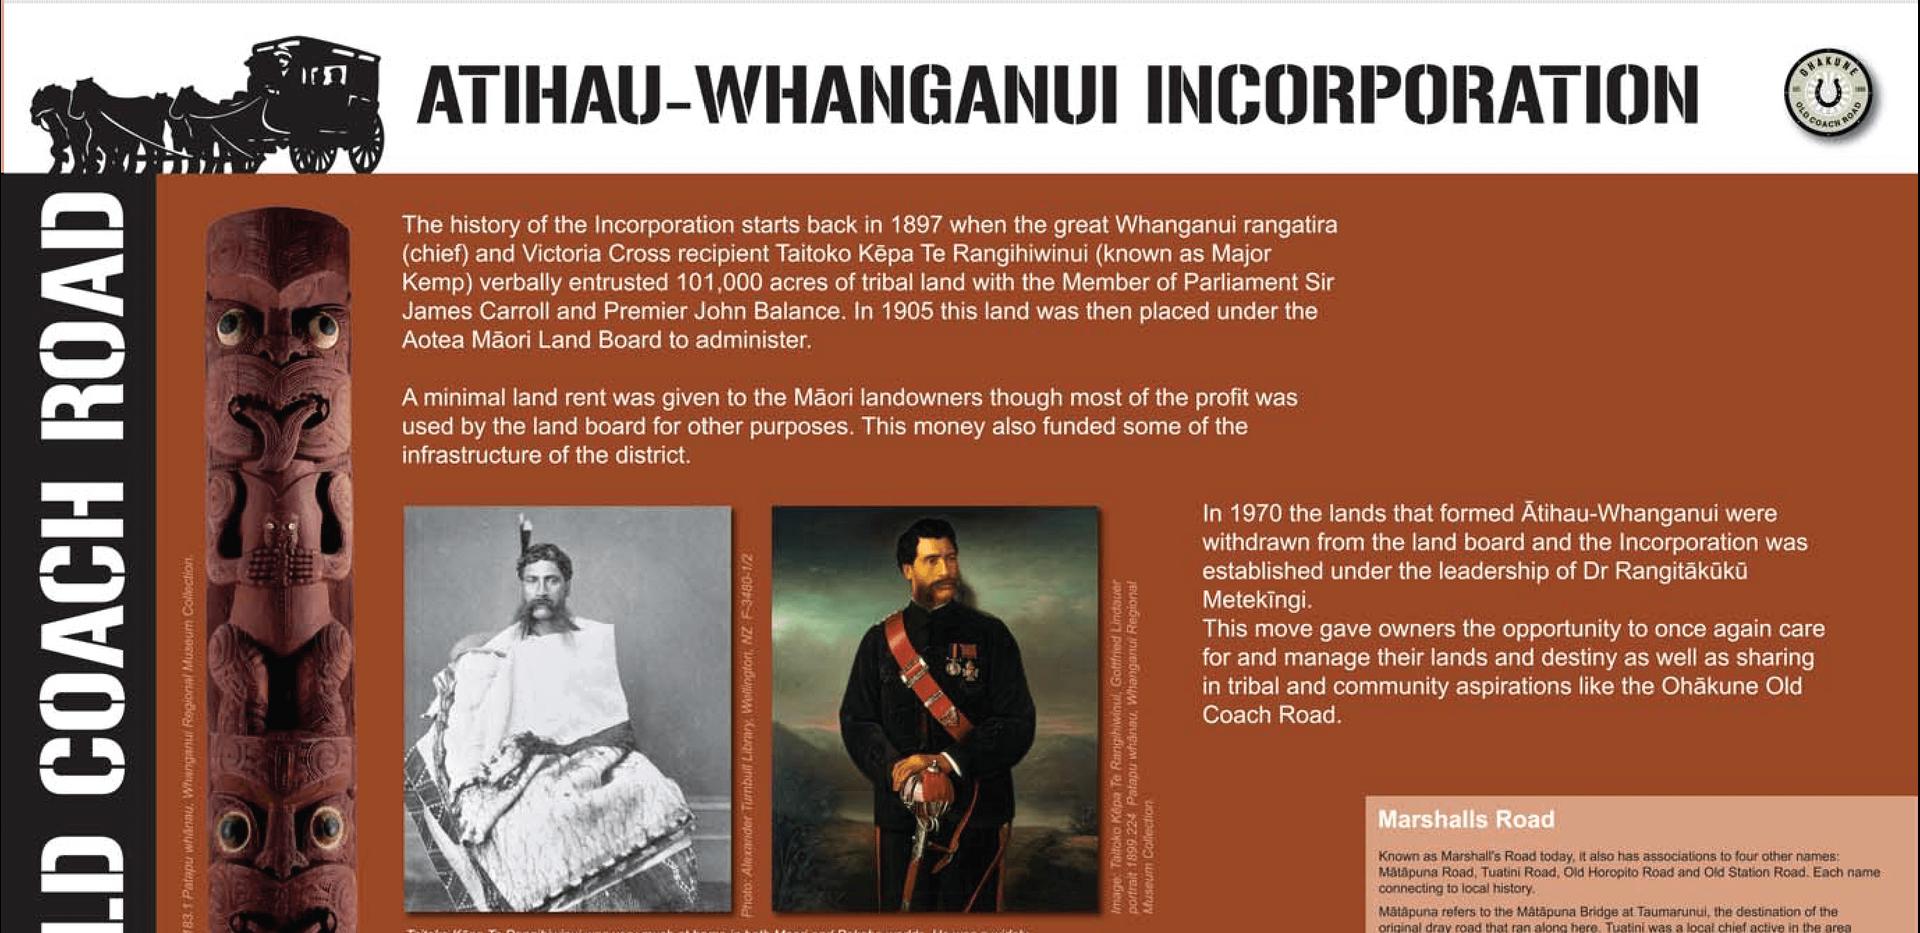 Visit Ohakune - Atihau - Whanganui incor